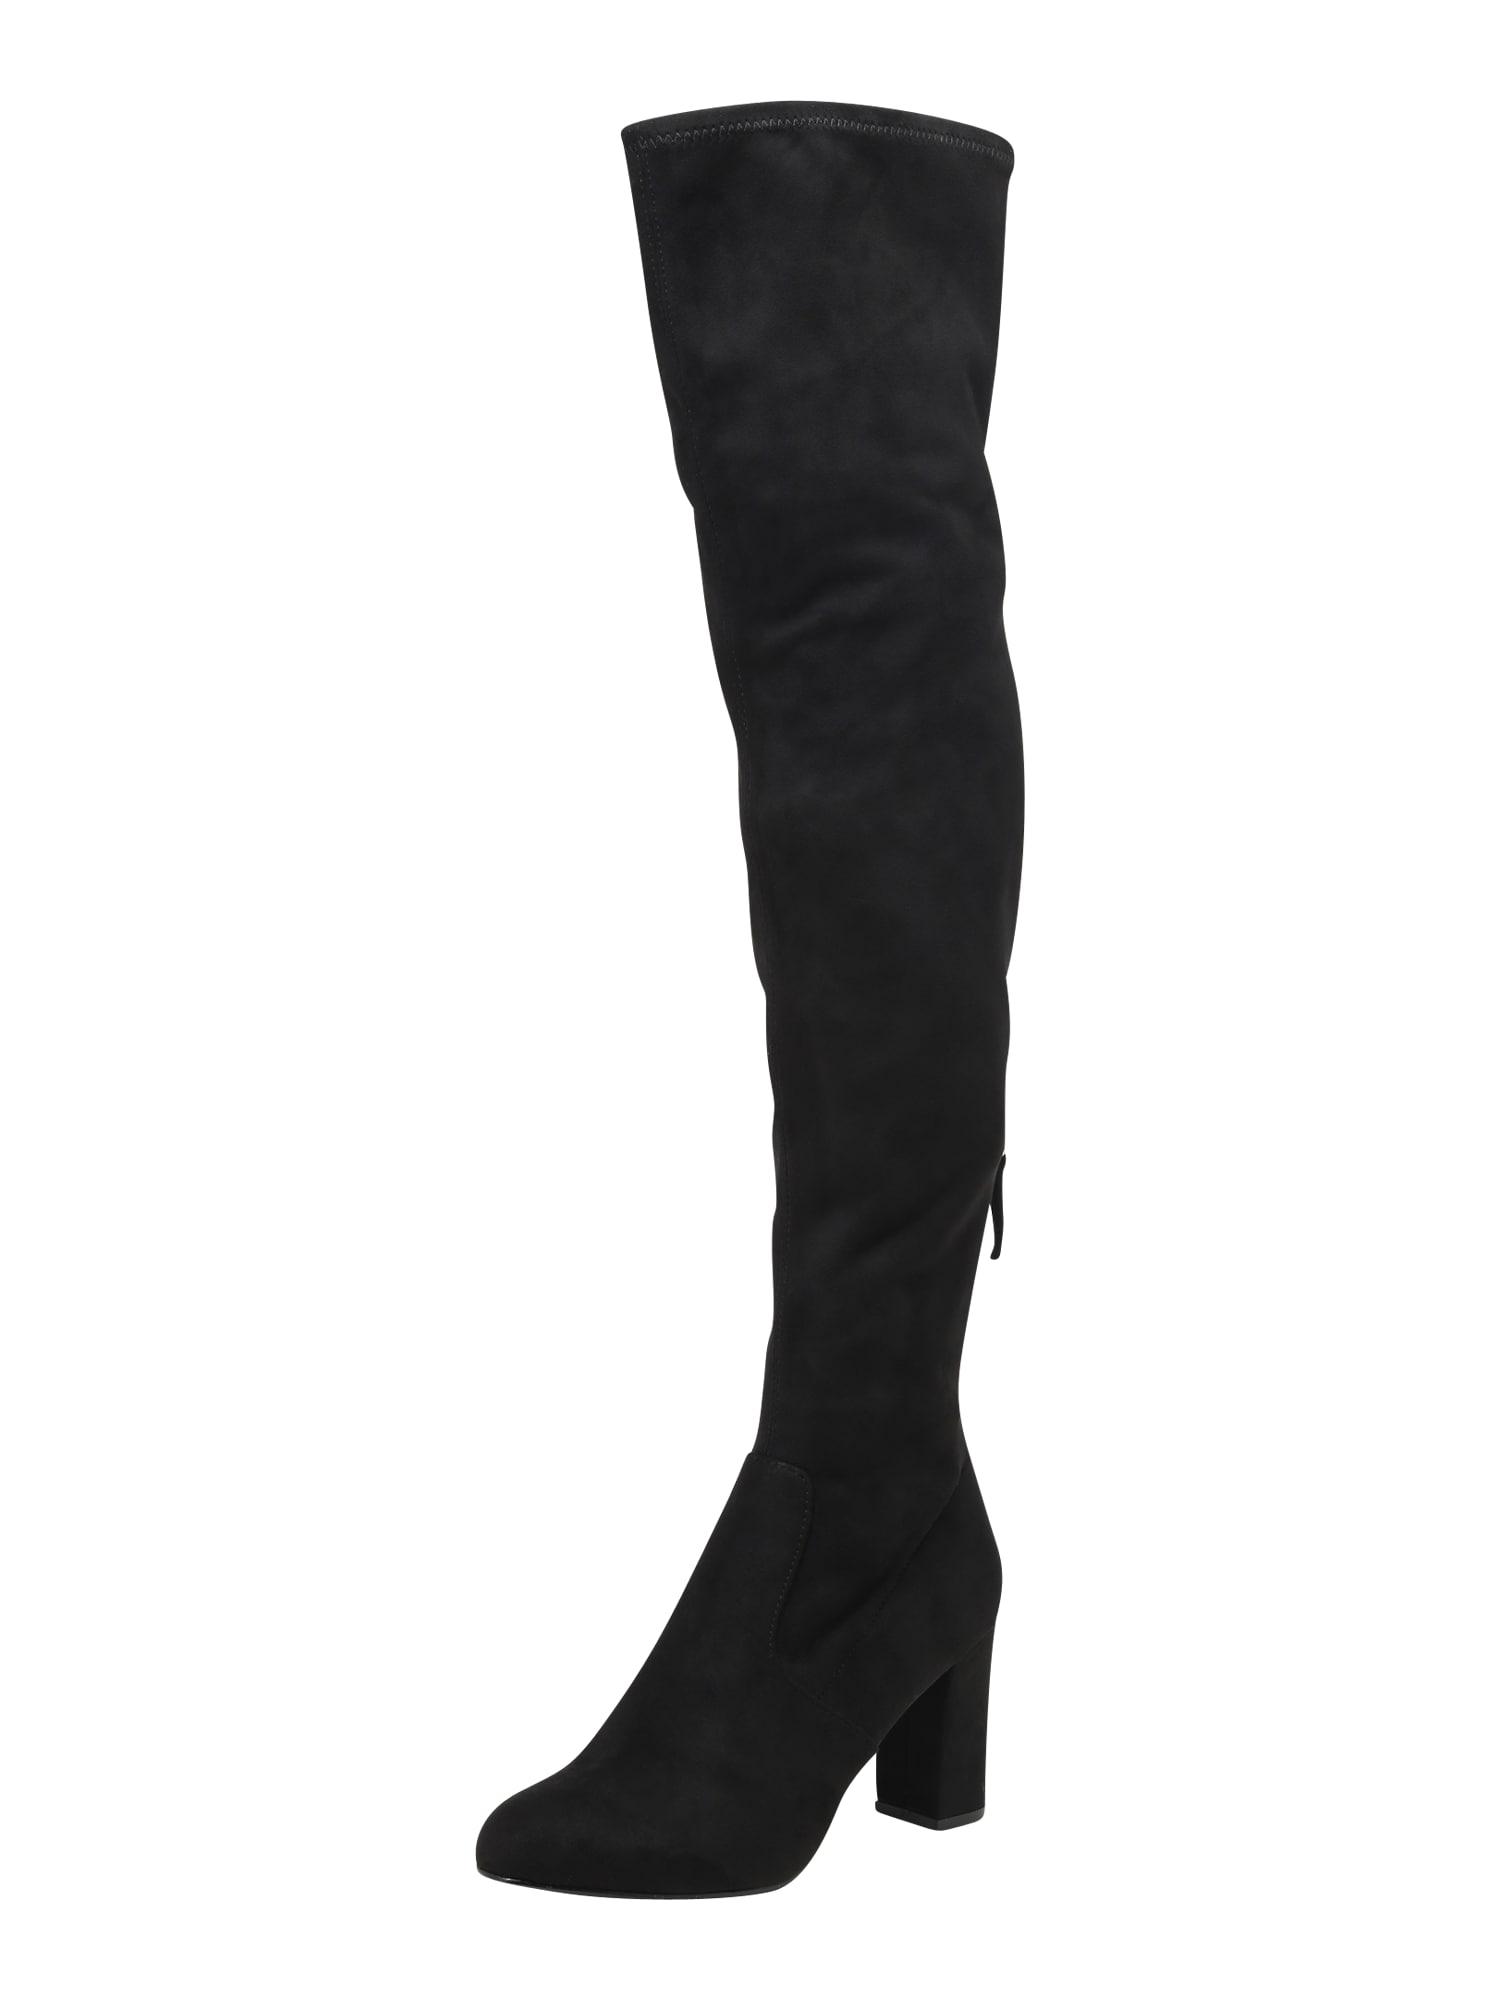 STEVE MADDEN, Dames Overknee laarzen 'ANTON', zwart